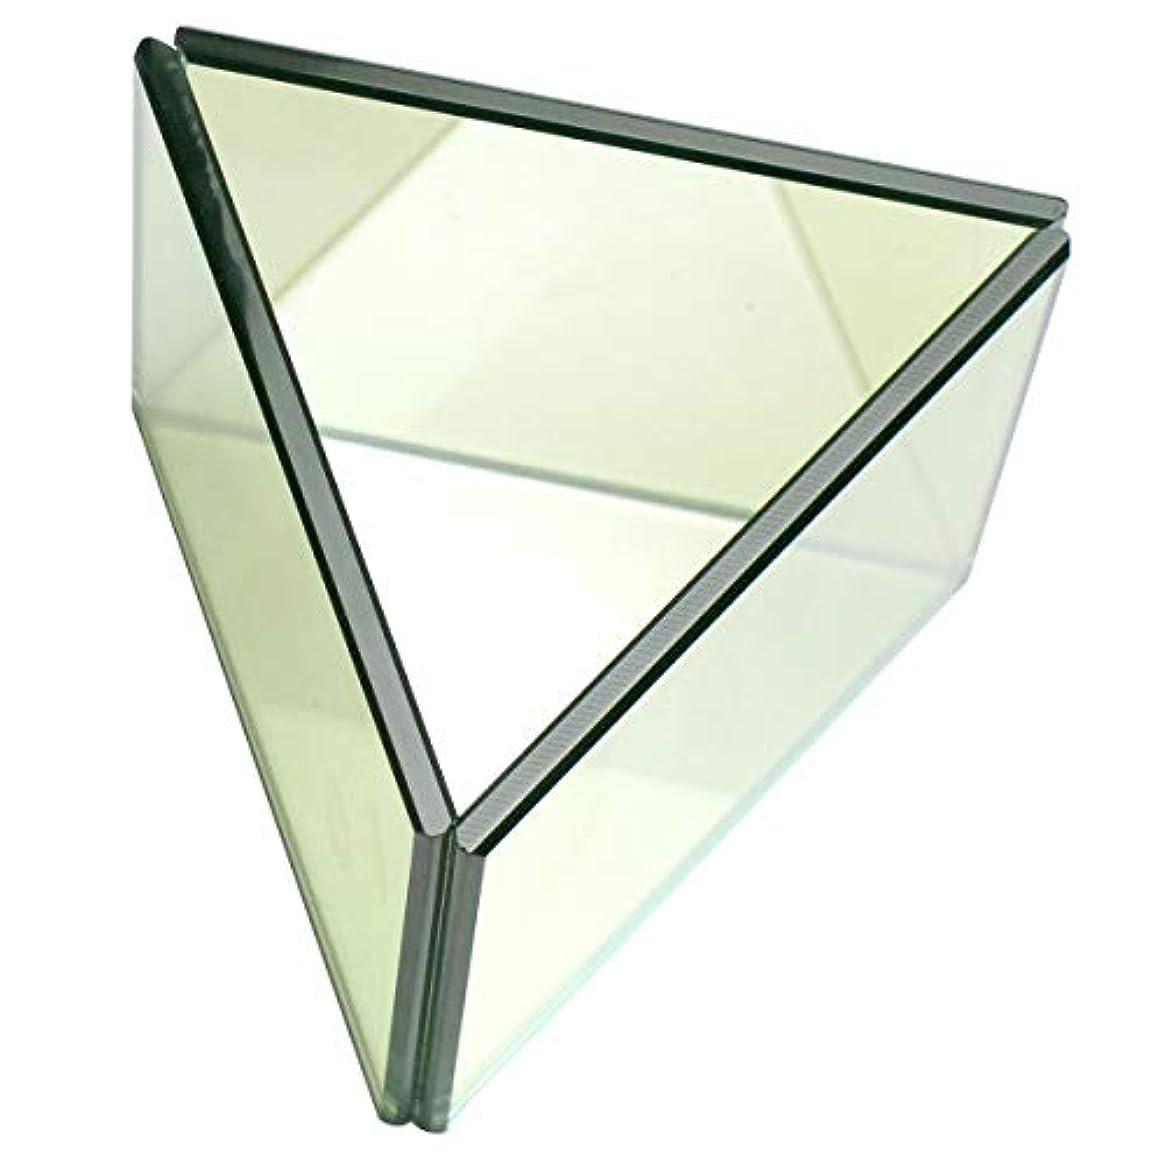 脇に志す強調する無限連鎖キャンドルホルダー トライアングル ガラス キャンドルスタンド ランタン 誕生日 ティーライトキャンドル